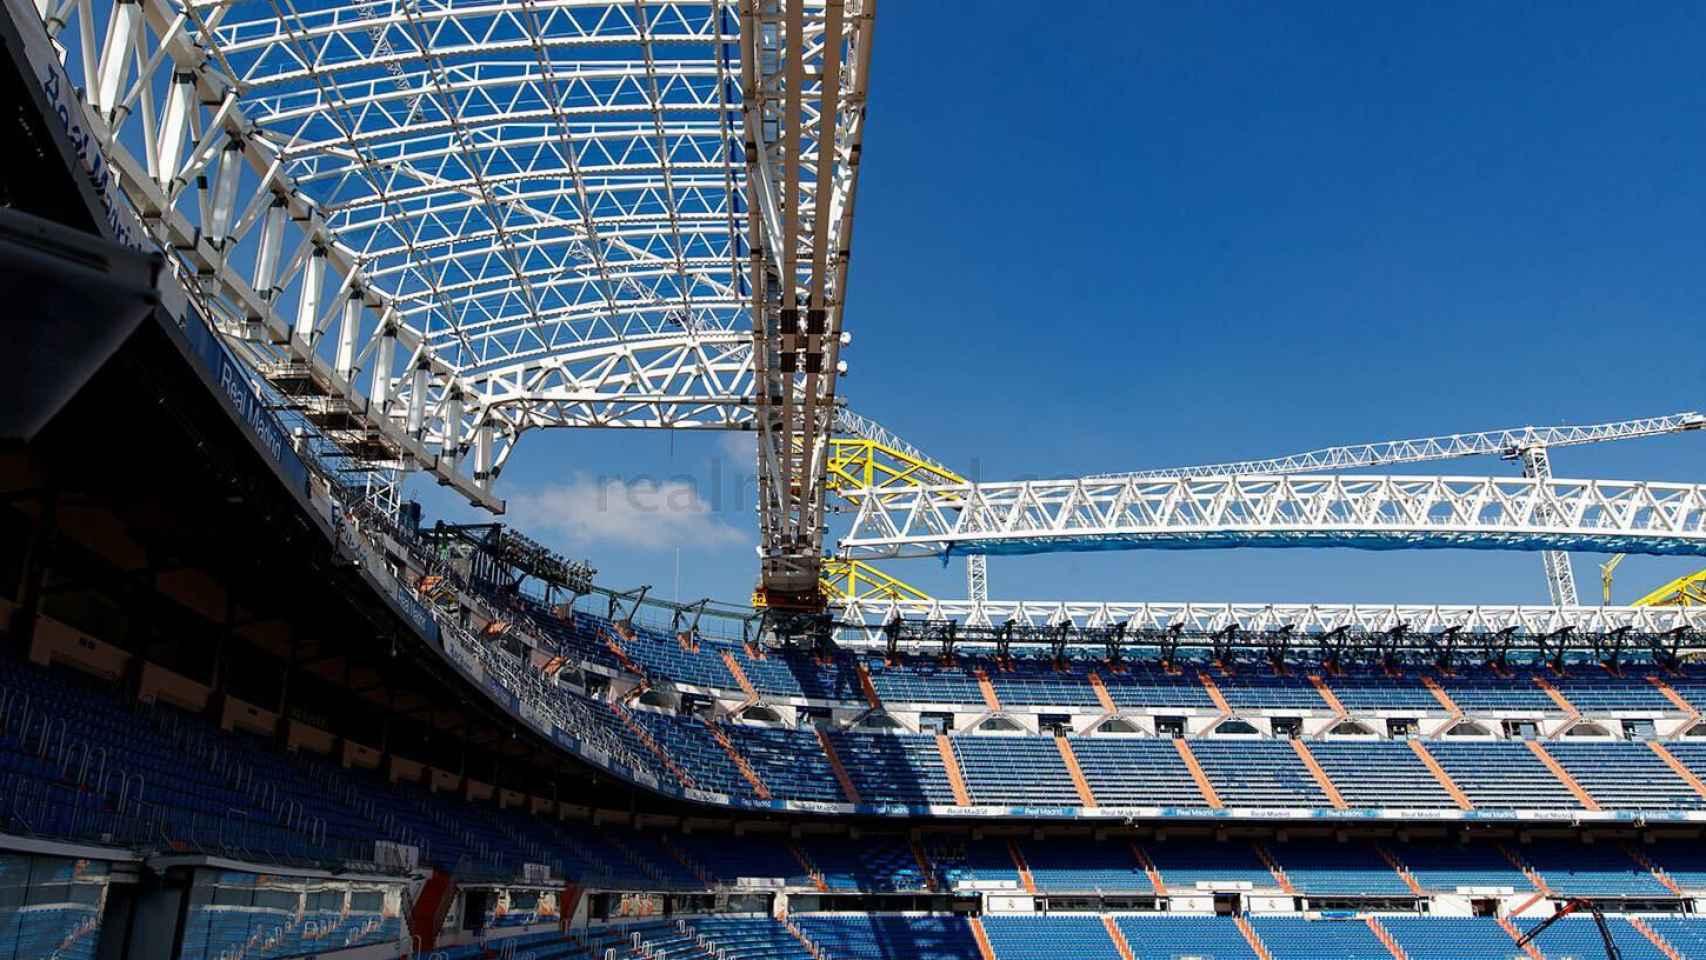 La cubierta del Santiago Bernabéu, fotografiada desde el interior